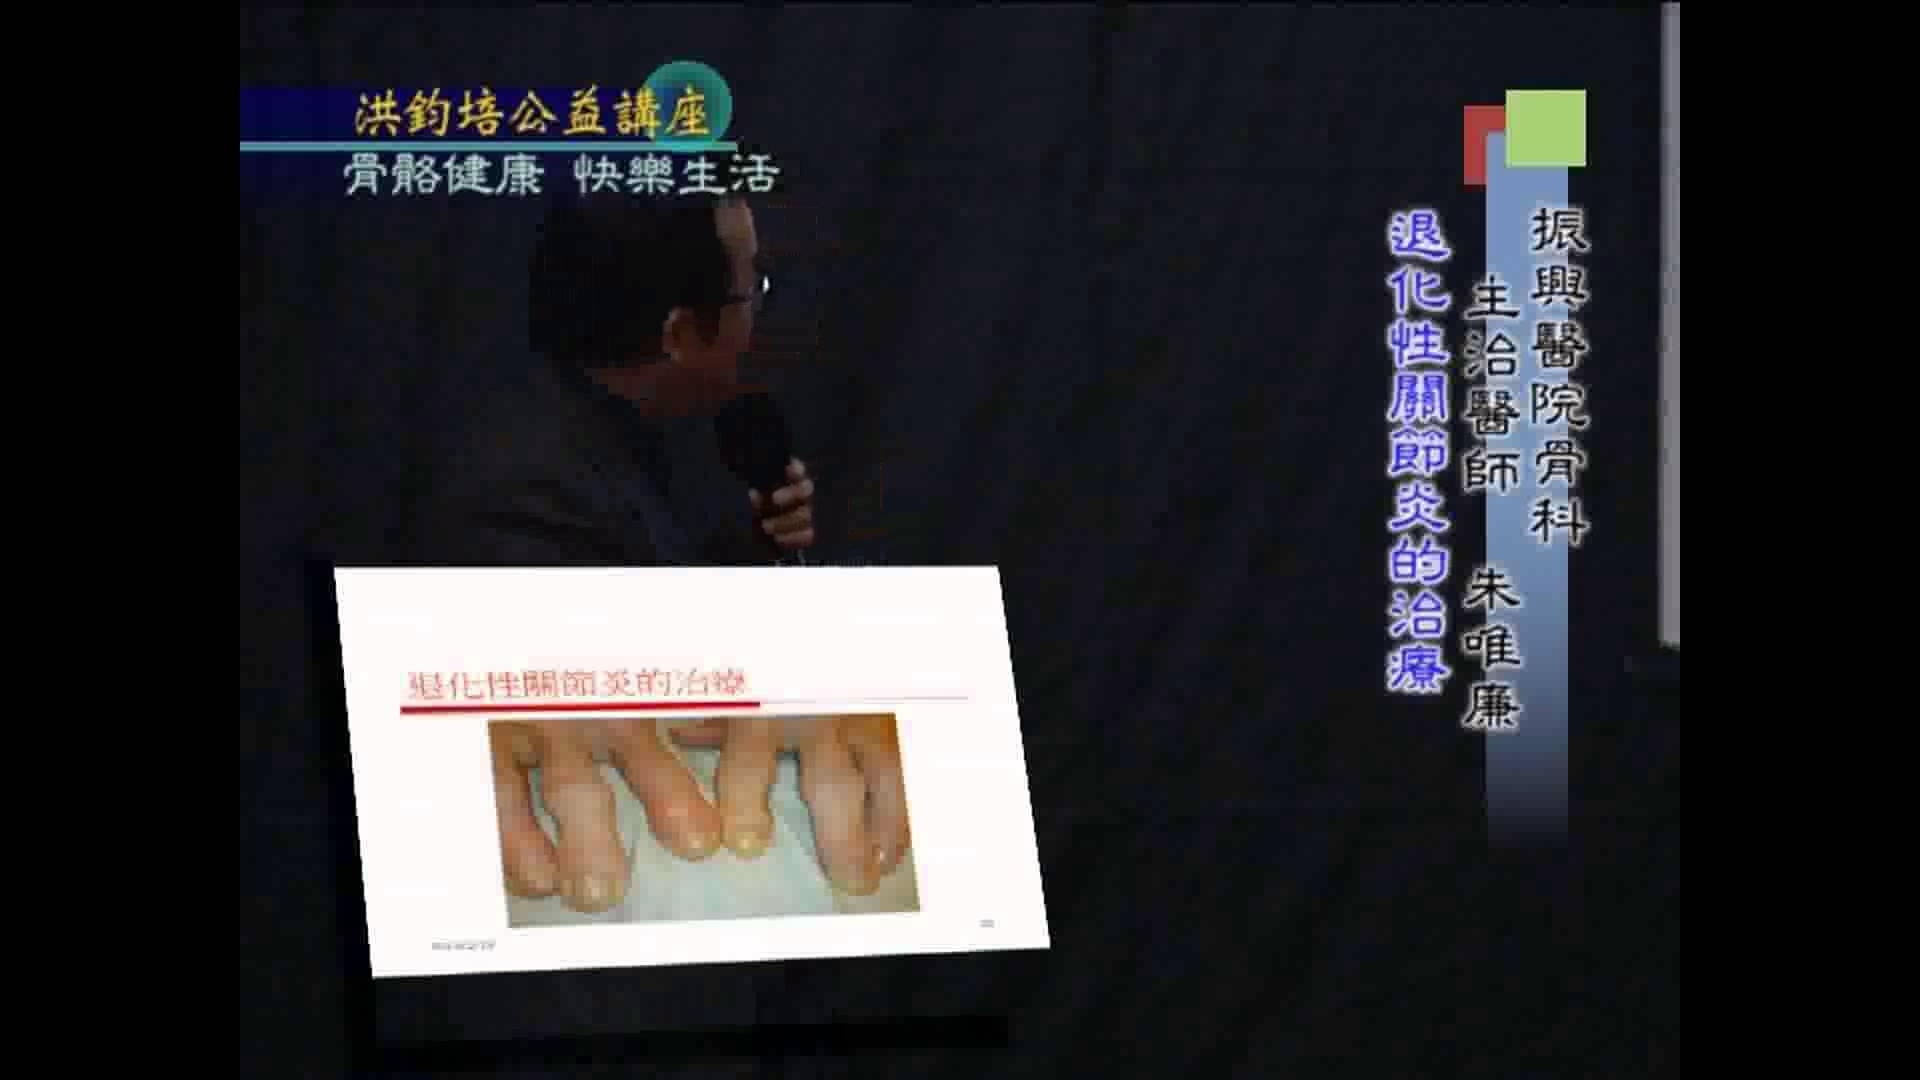 振興醫院骨科主治醫師朱唯廉演講:骨骼健康、快樂生活(二)